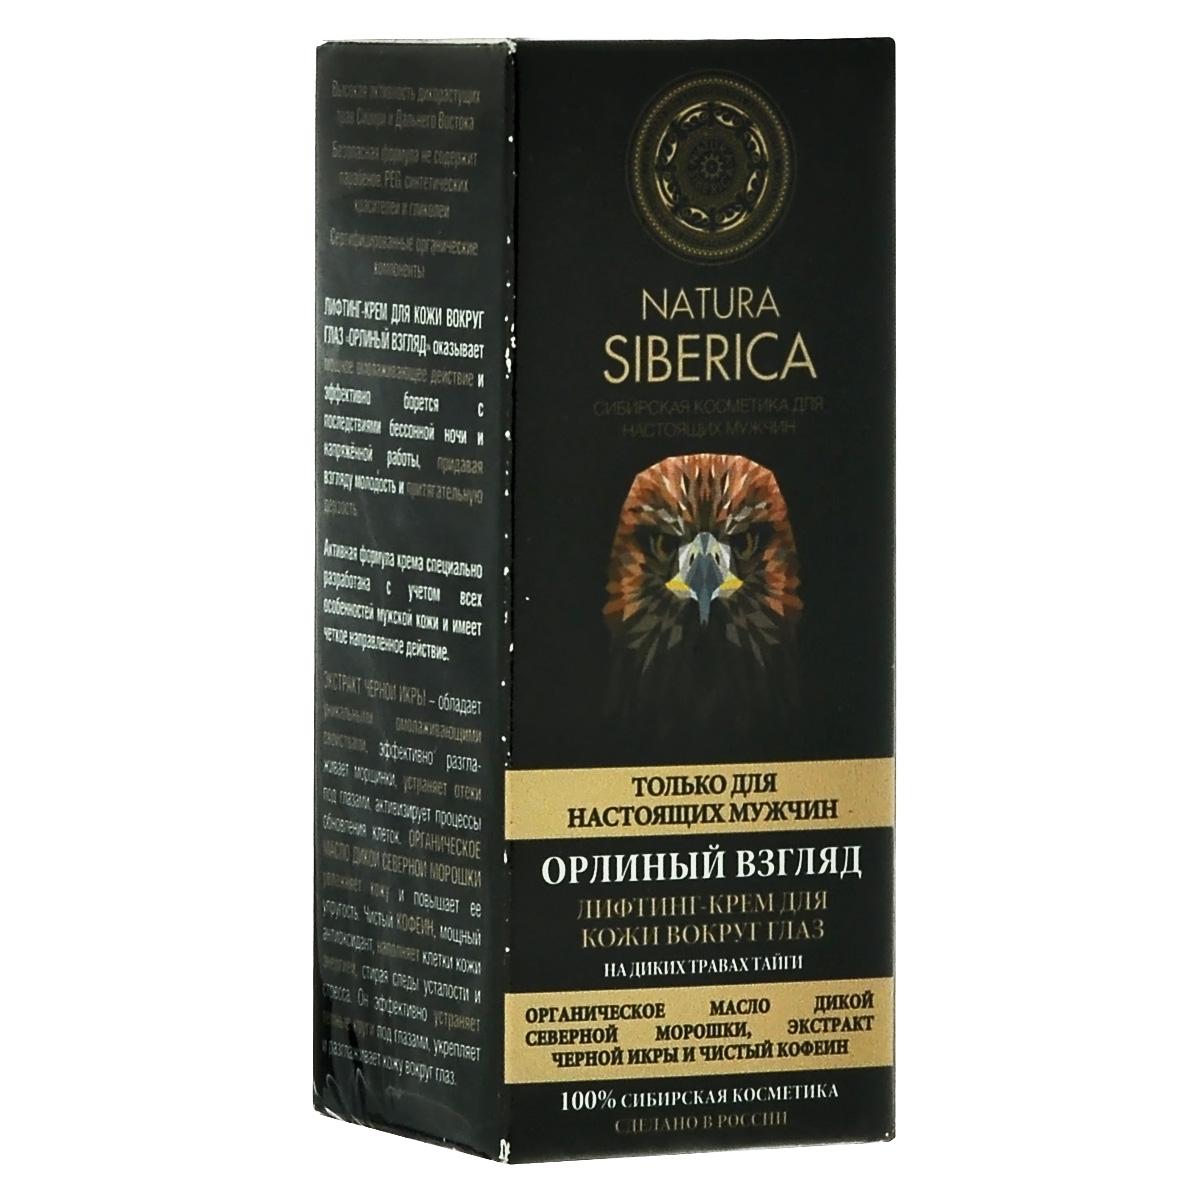 Natura Siberica Крем для кожи вокруг глаз Орлиный взгляд, мужской, 30 мл